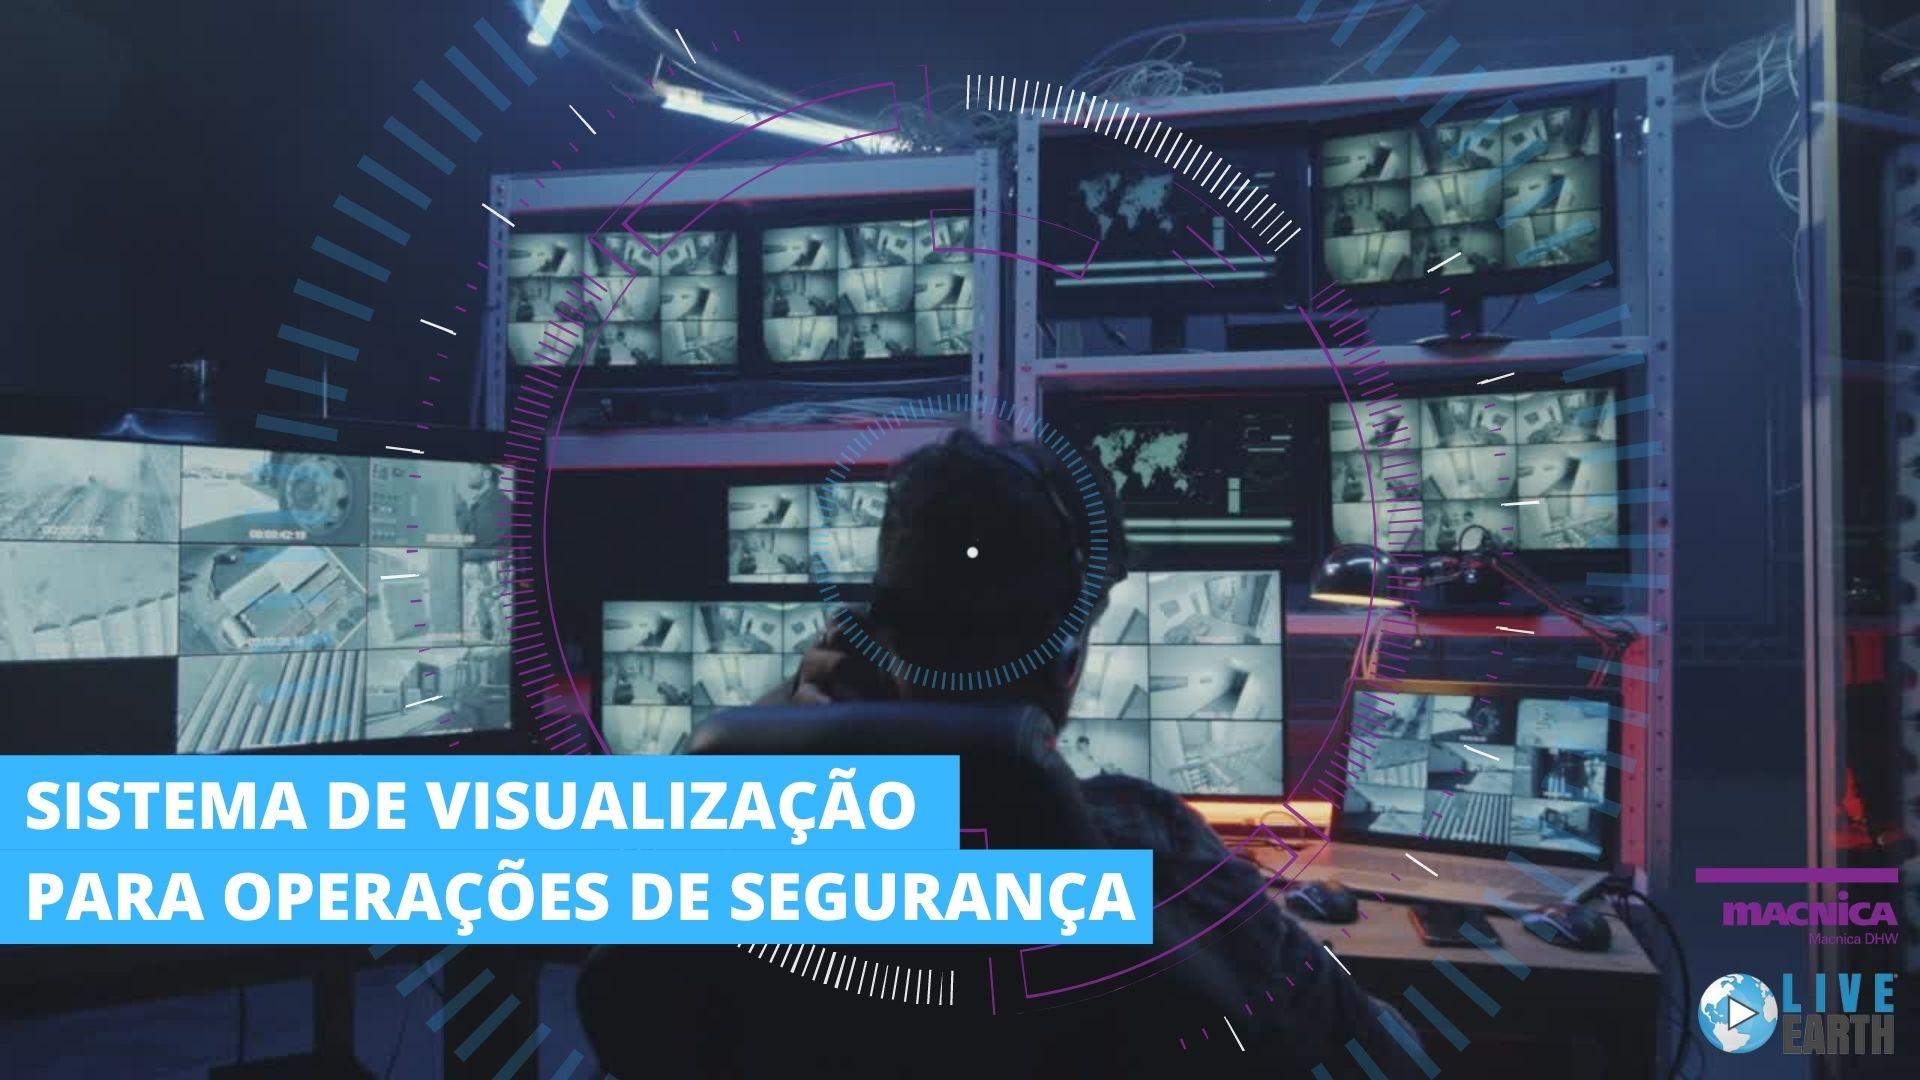 Sistema de visualização para operações de segurança